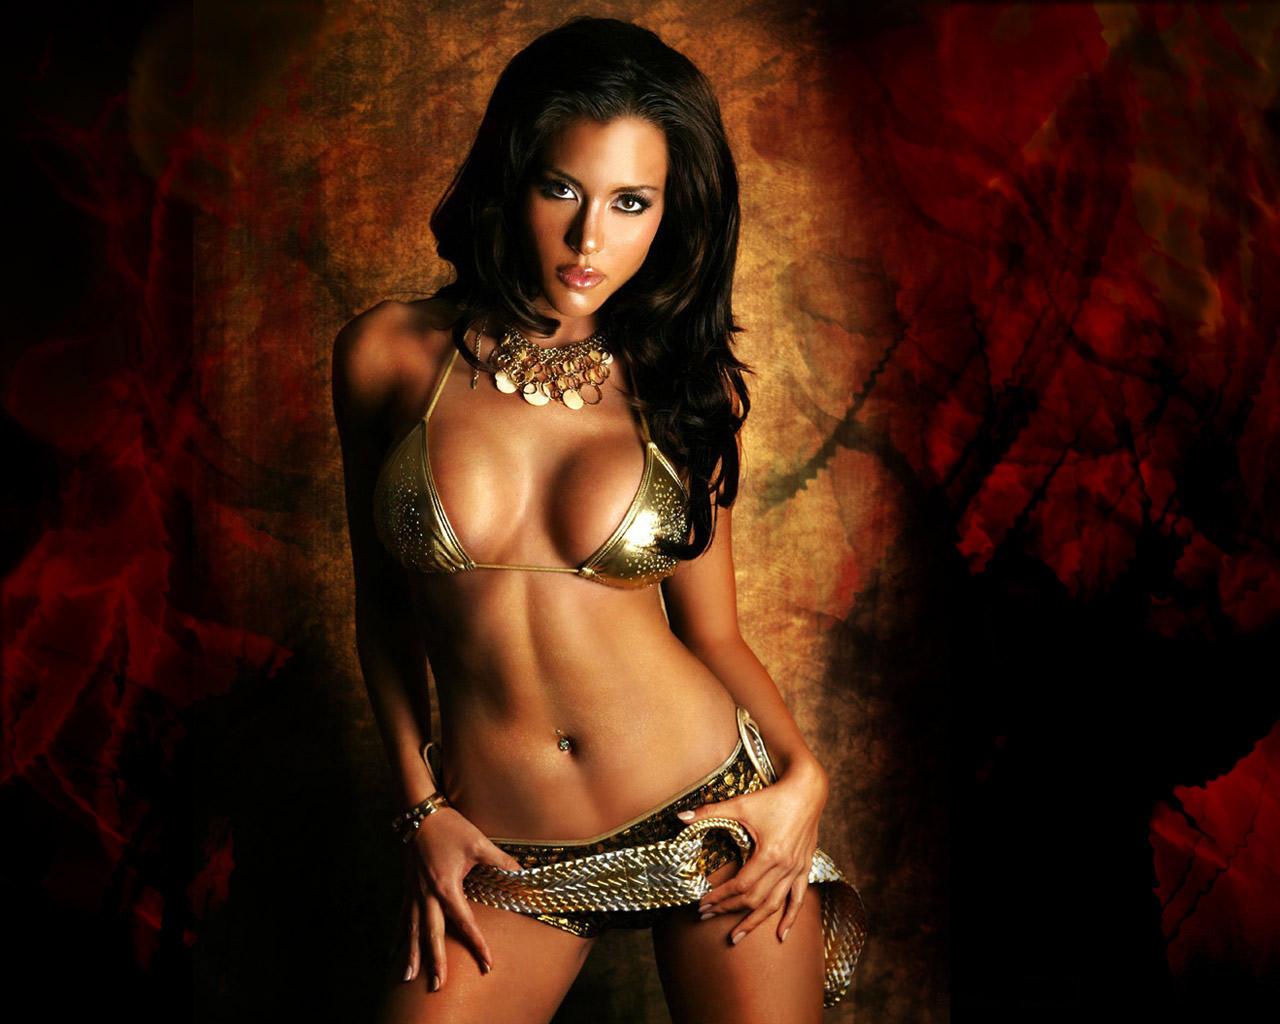 Супер секси девка, Красивые девушки порно видео. Онлайн соло красивых 16 фотография